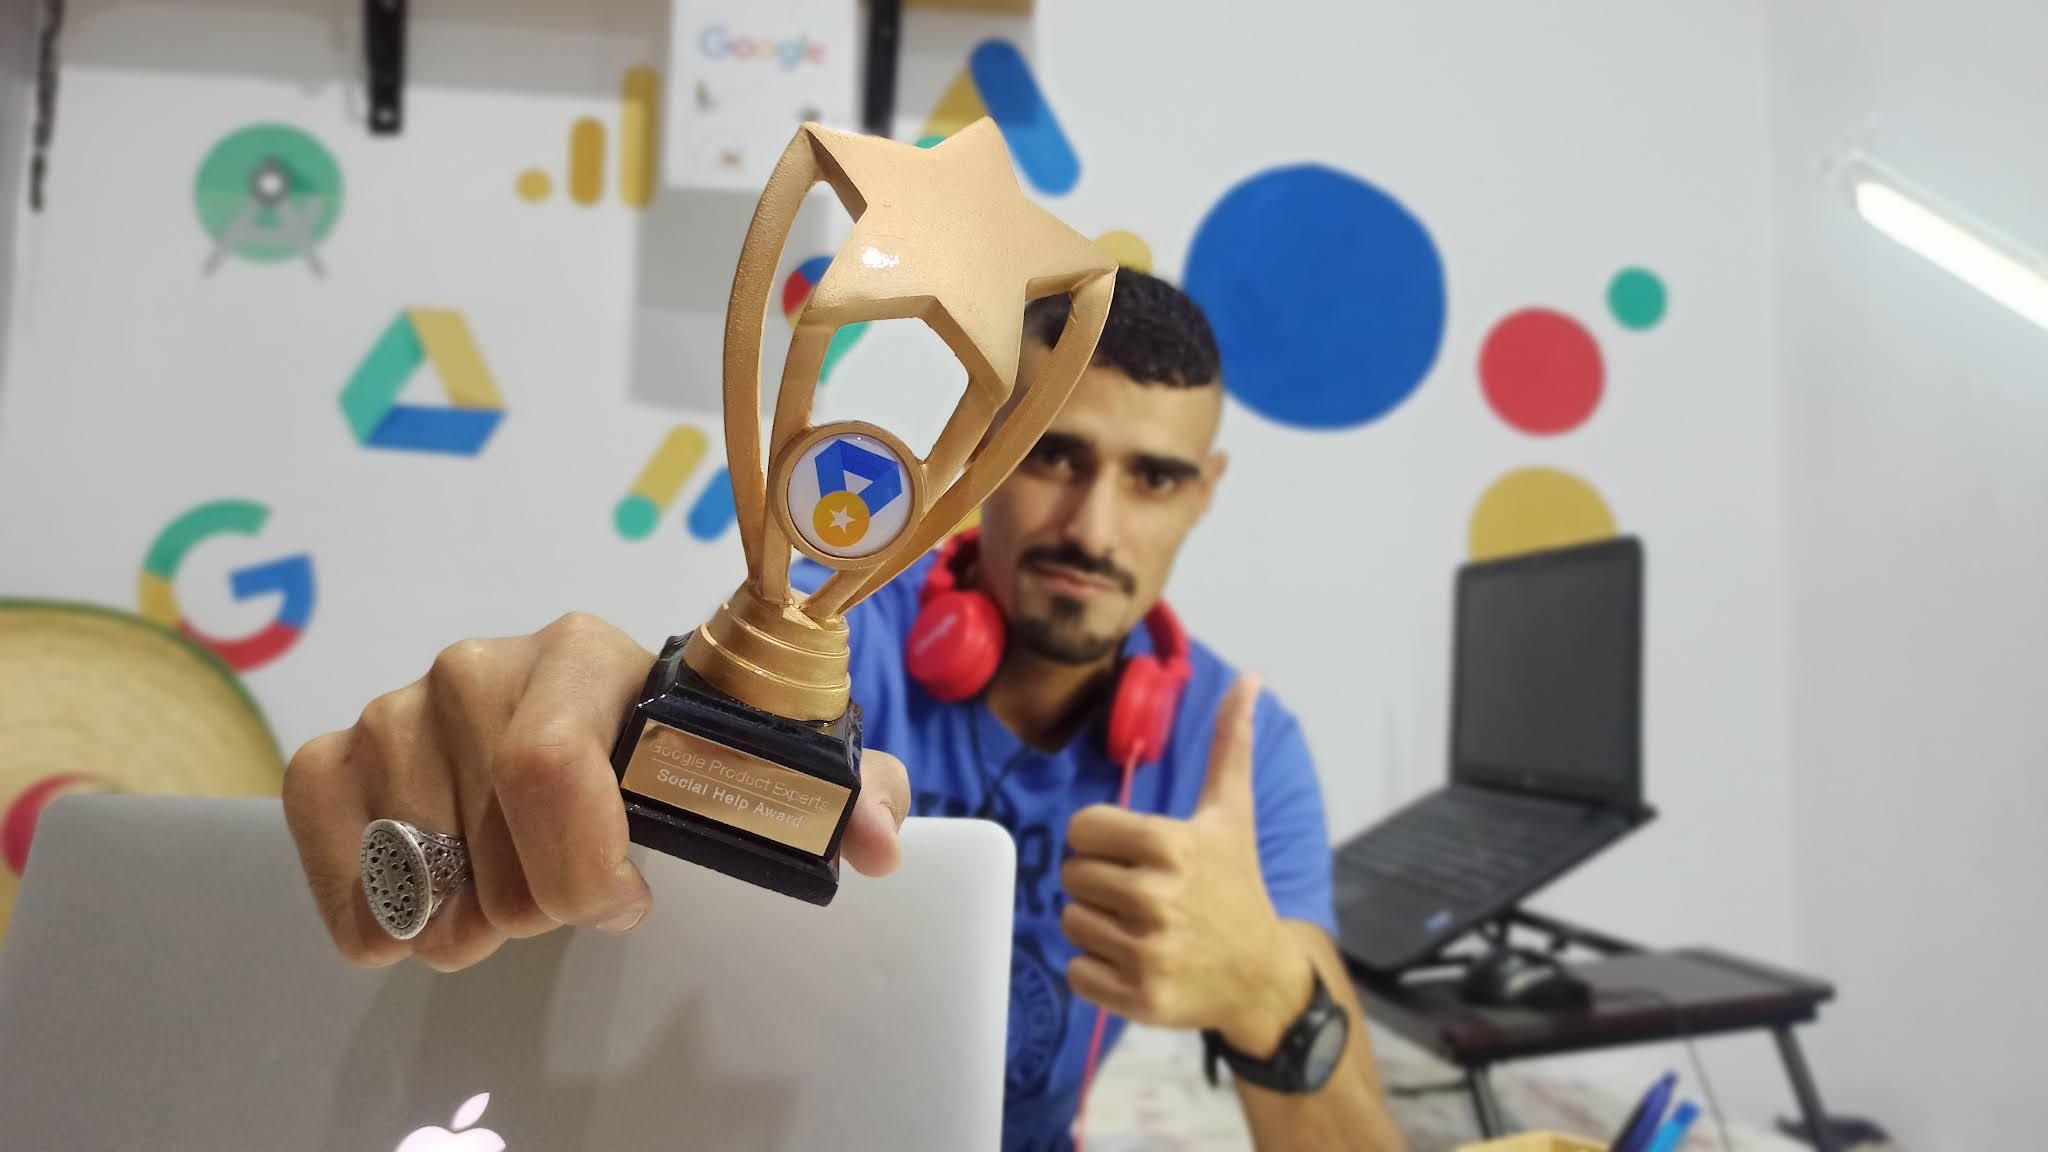 """محمد الورياغلي يُمسك بيده كأس """"جائزة السّفير"""" من برنامج خبراء منتجات Google"""